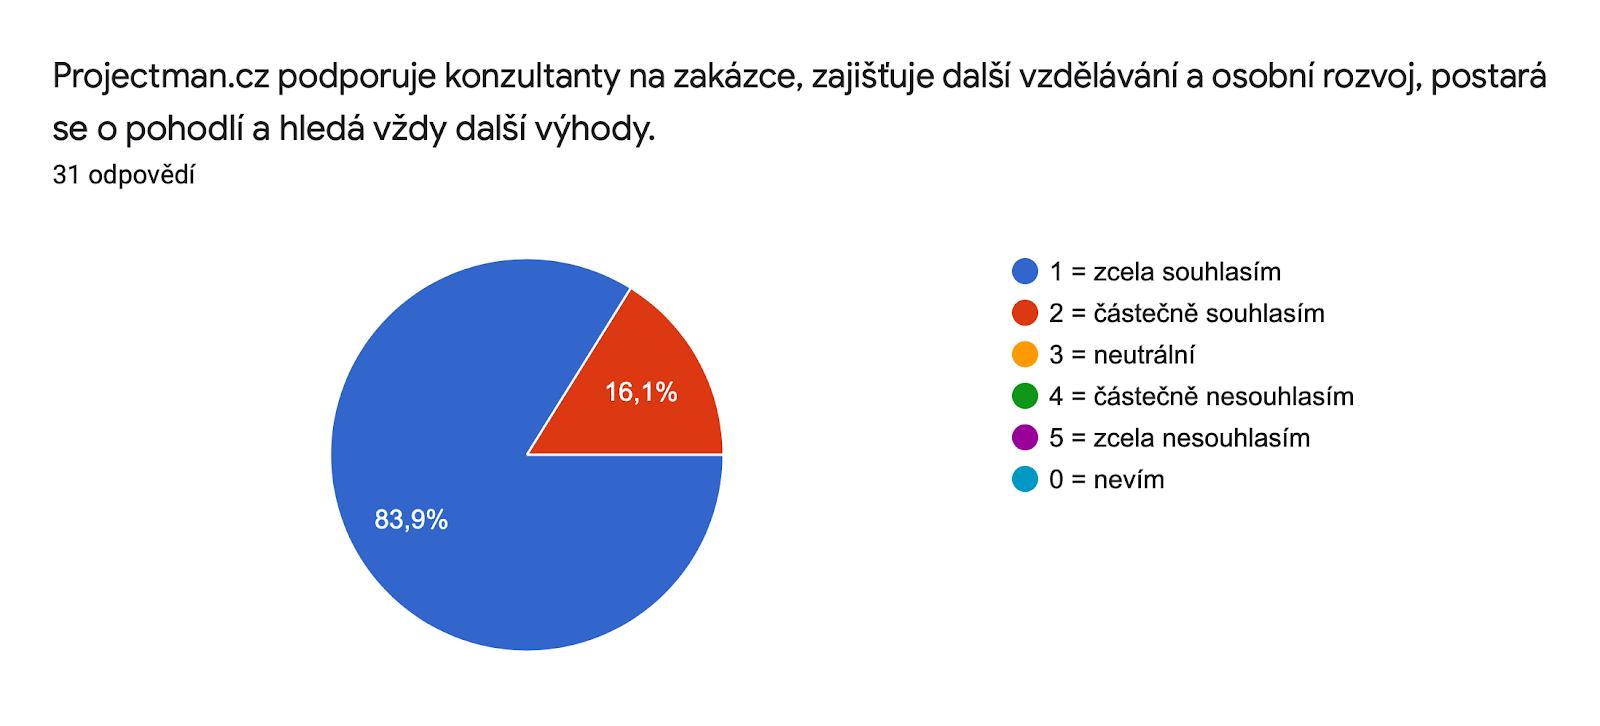 Graf odpovědí Formulářů. Název otázky: Projectman.cz podporuje konzultanty na zakázce, zajišťuje další vzdělávání a osobní rozvoj, postará se o pohodlí a hledá vždy další výhody.. Počet odpovědí: 31 odpovědí.